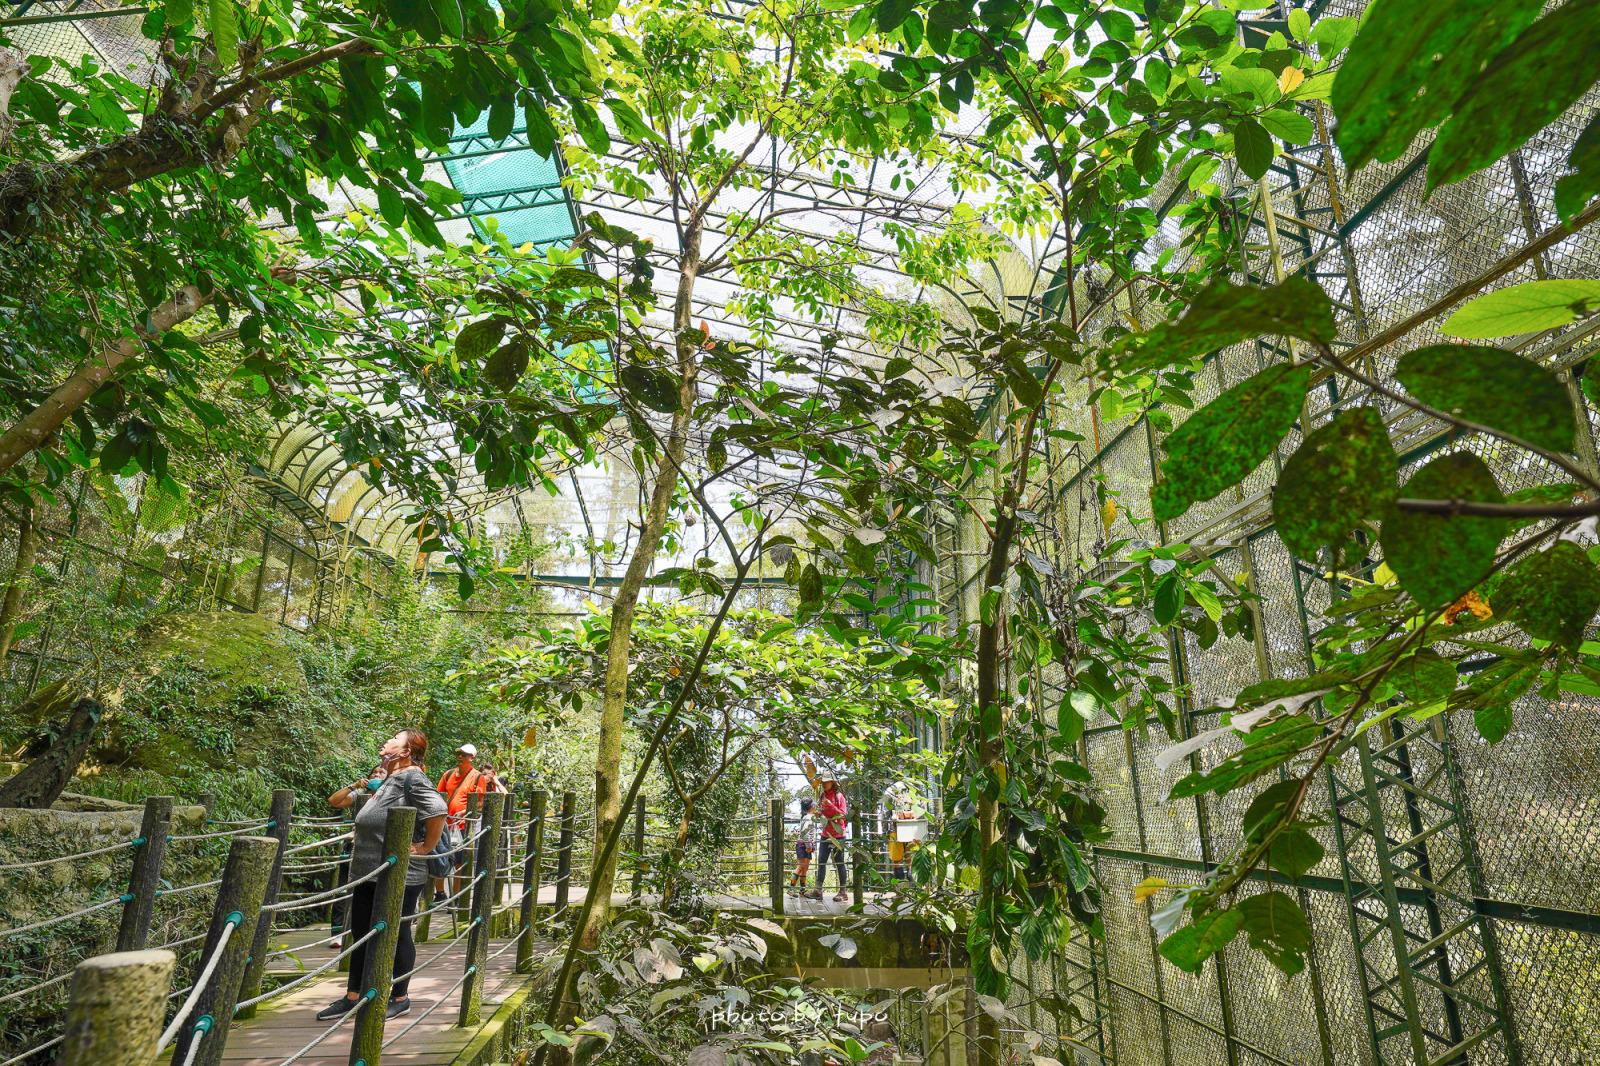 南投鹿谷景點》鳳凰谷鳥園生態園區,銅板價門票!好好玩森林溜滑梯,賞鳥,瀑布半日遊,親近大自然的森林景點